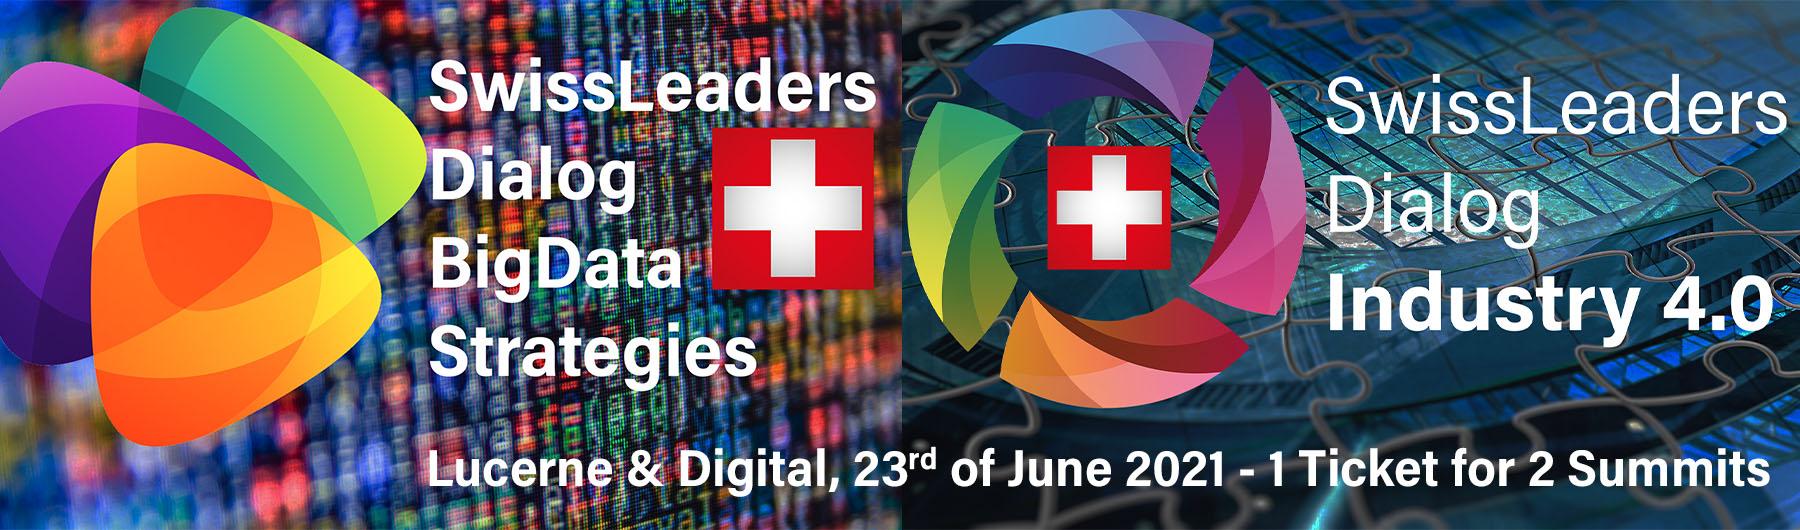 Swiss Leaders Dialog Big Data Strategies & Swiss Leaders Dialog Industry 4.0